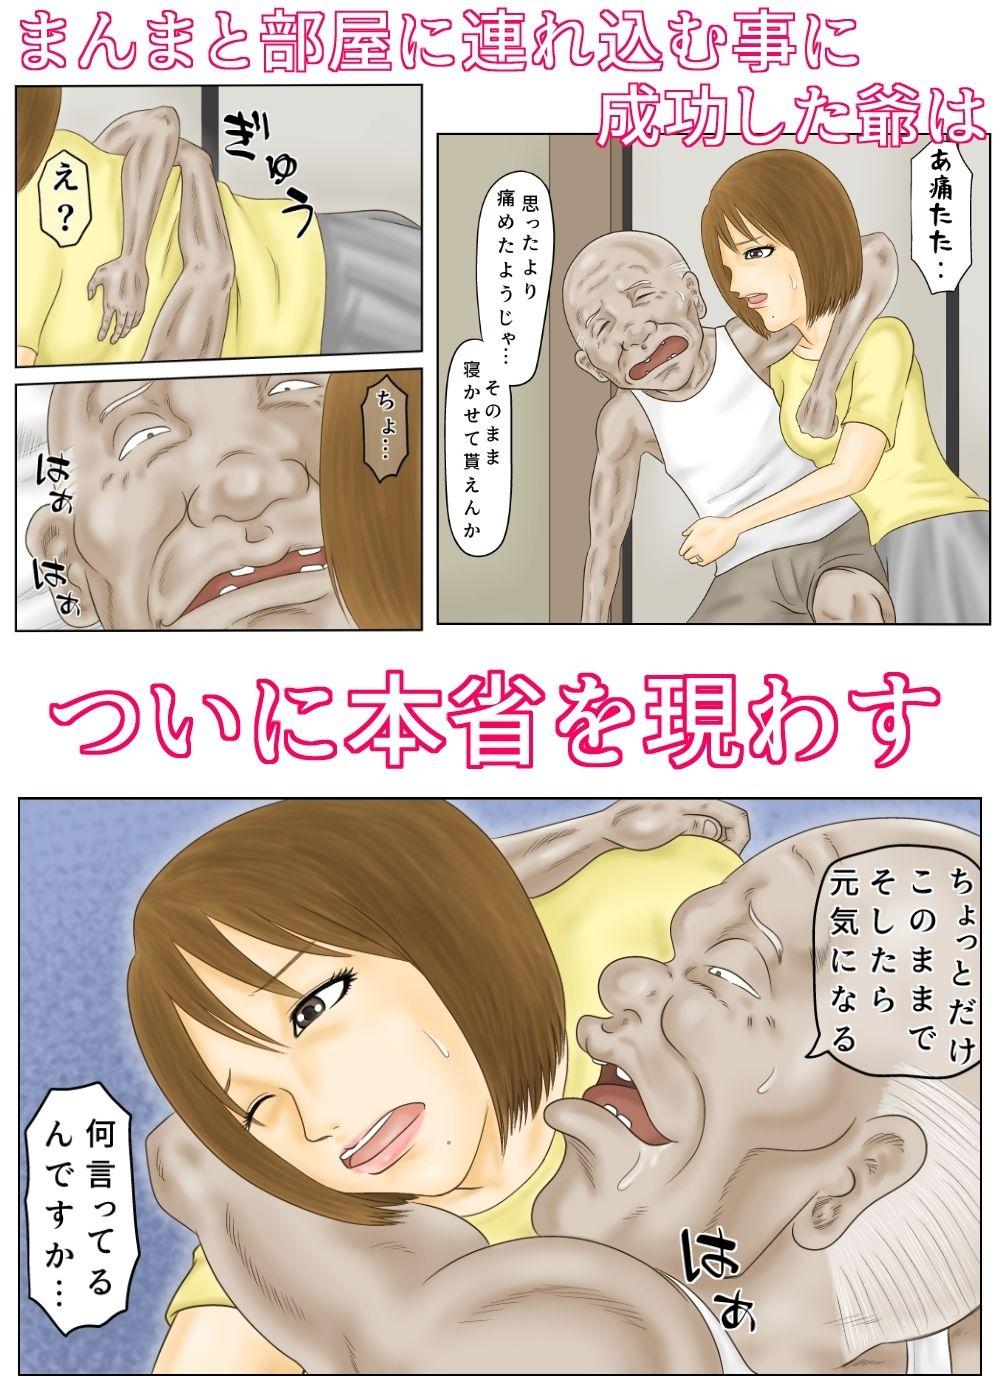 ヤラれる若妻 緋香里 〜隣人の爺さんに誤解されて〜